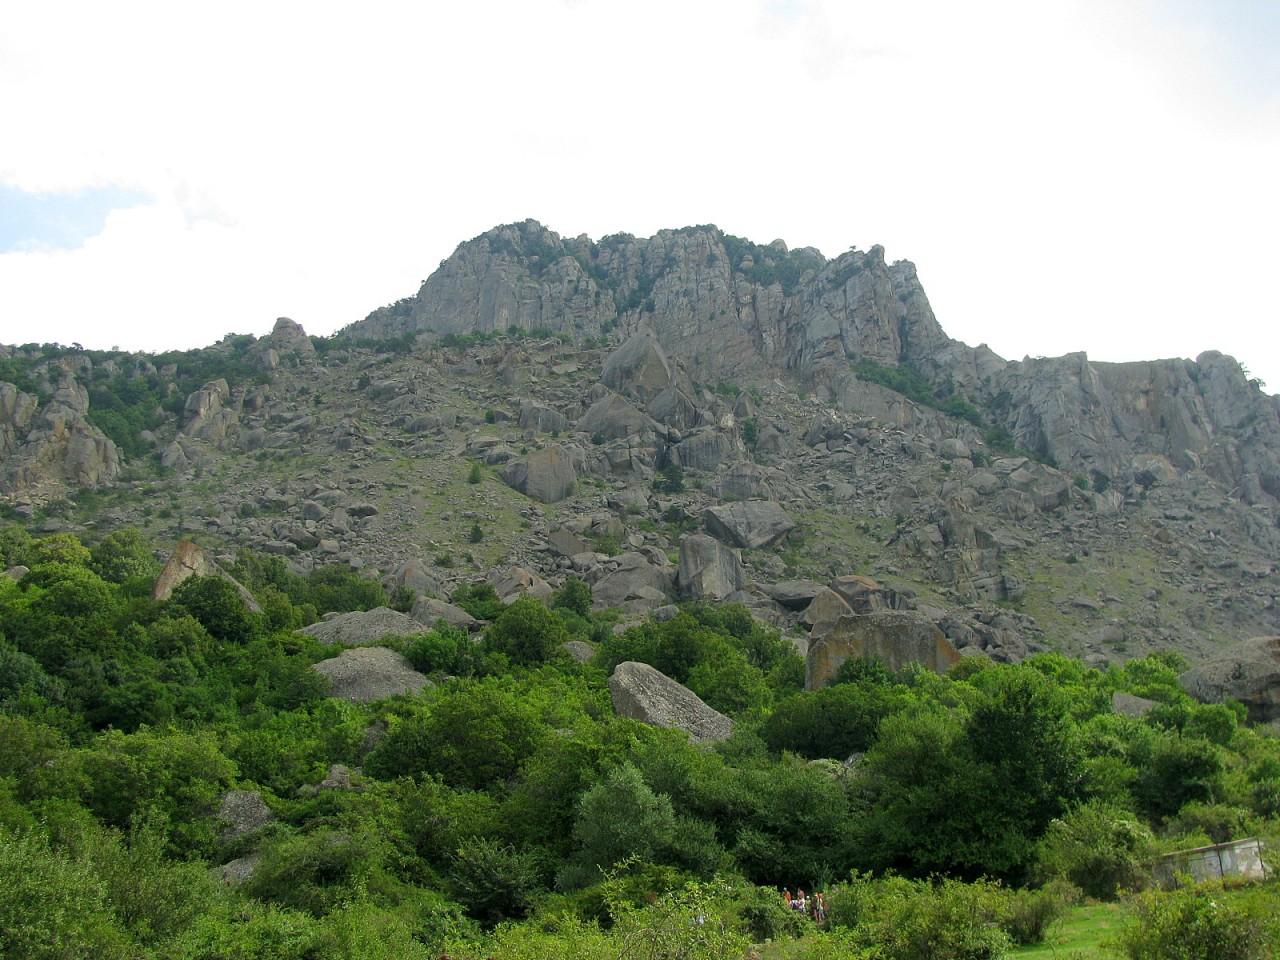 Обзорная по Крыму - 6. Горный Крым: Гора Демерджи. Крепость Фуна. Мраморная пещера